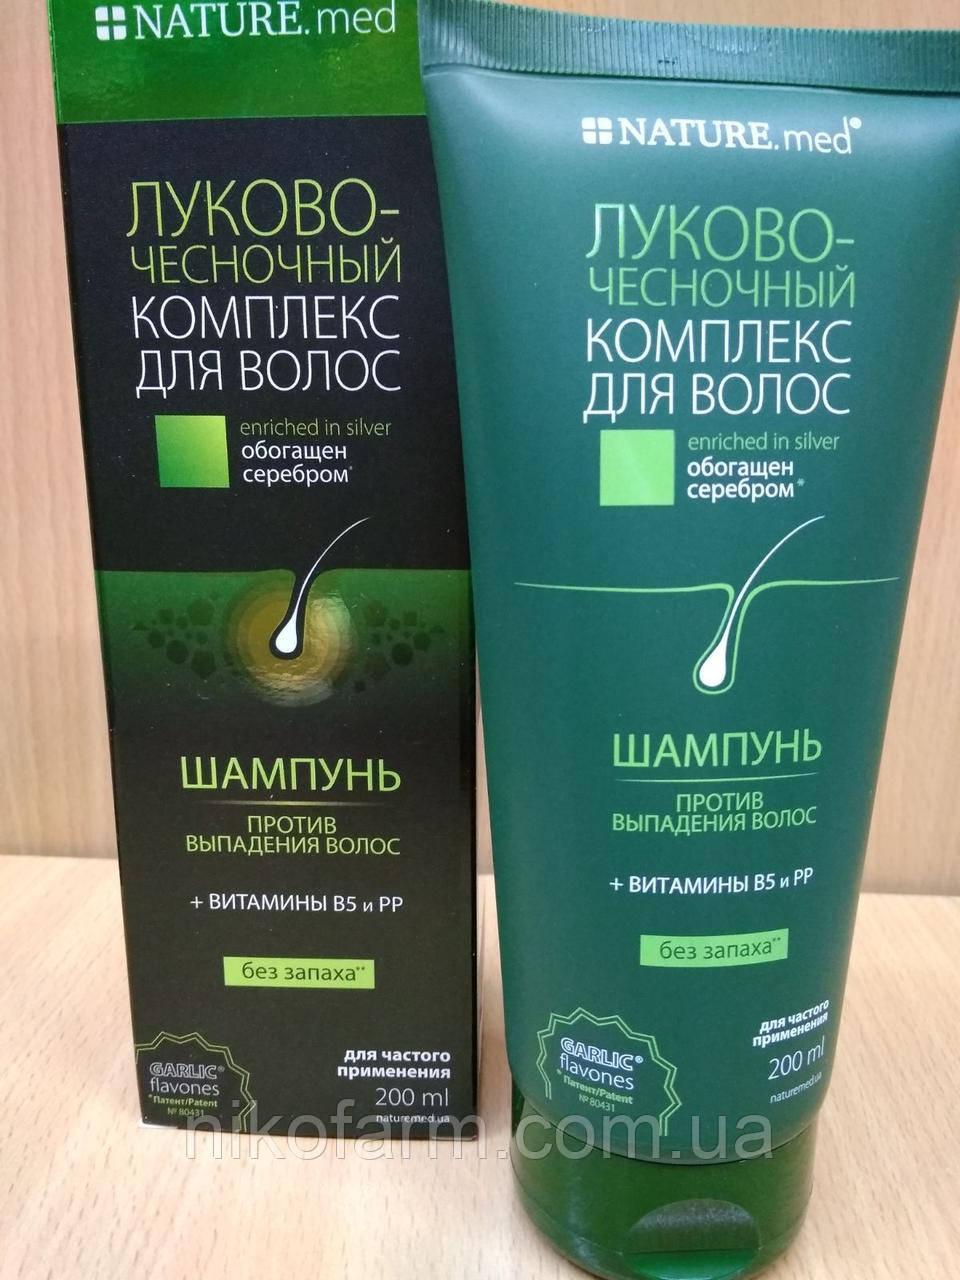 Nature med косметика купить в россии косметика конфискат купить москва